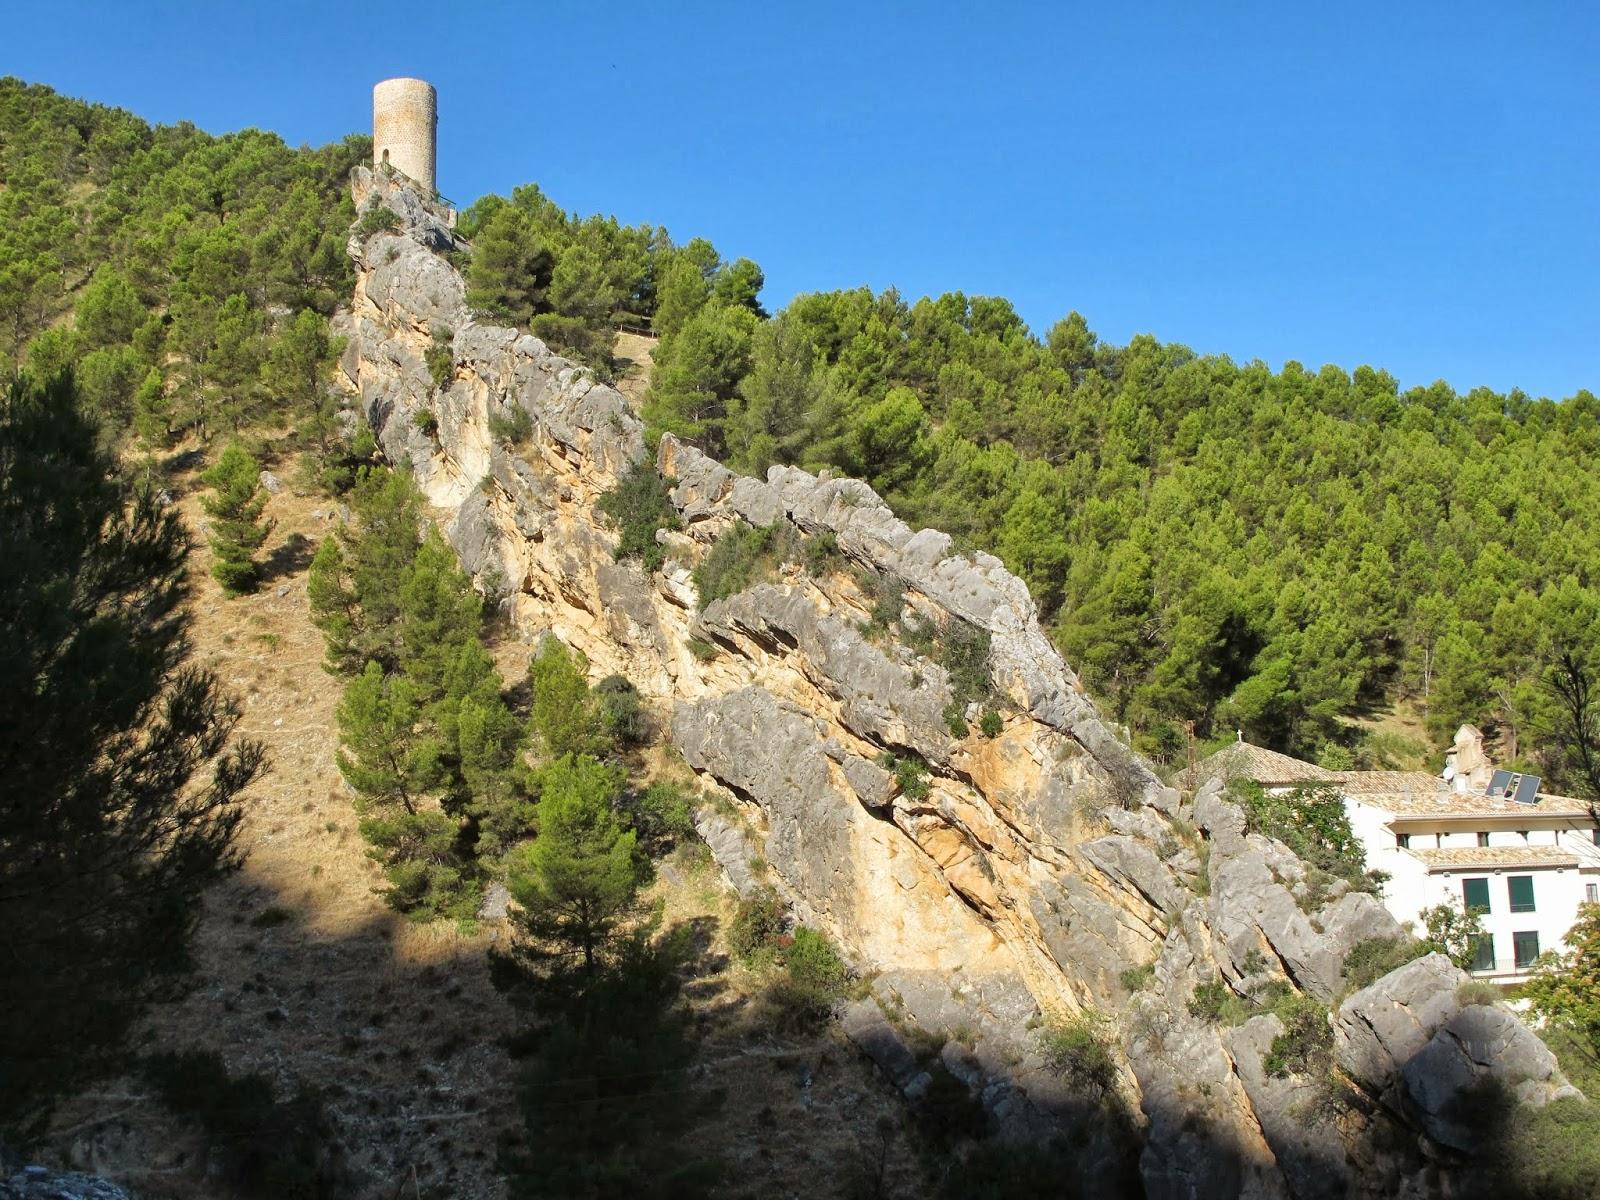 Excursiones y senderos : Las Viñas (Bedmar-Parque Natural de Sierra ...